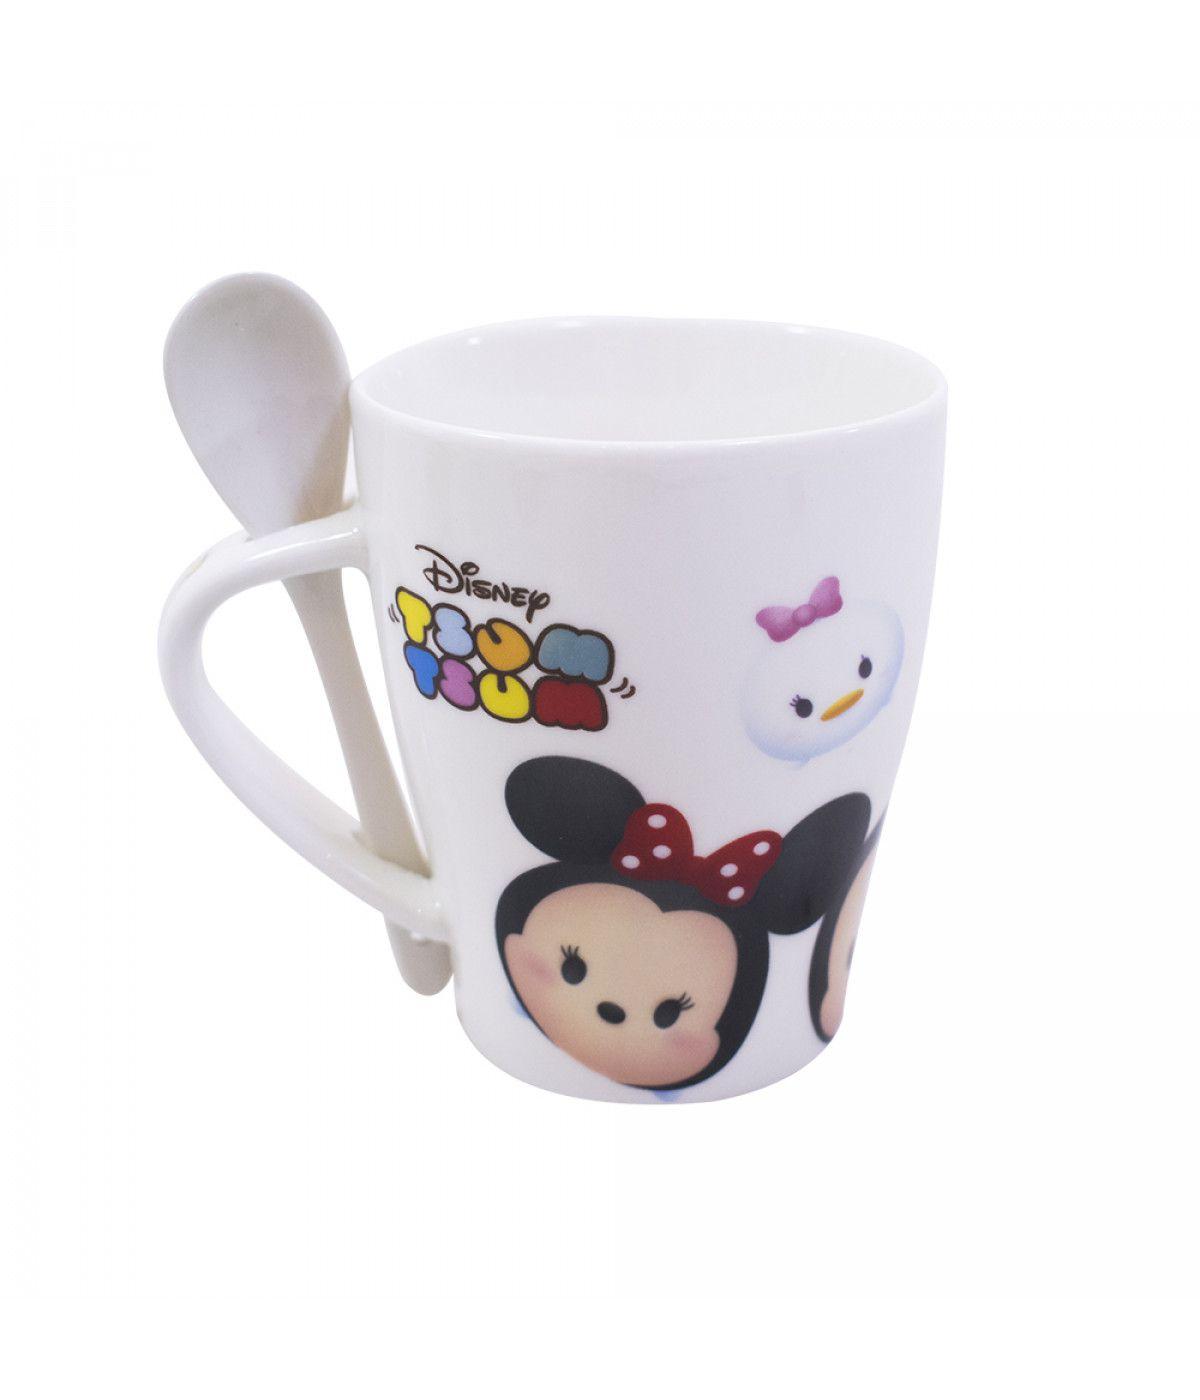 Caneca De Porcelana Com Colher Mickey & Minnie Tsum Tsum 310ml - Disney